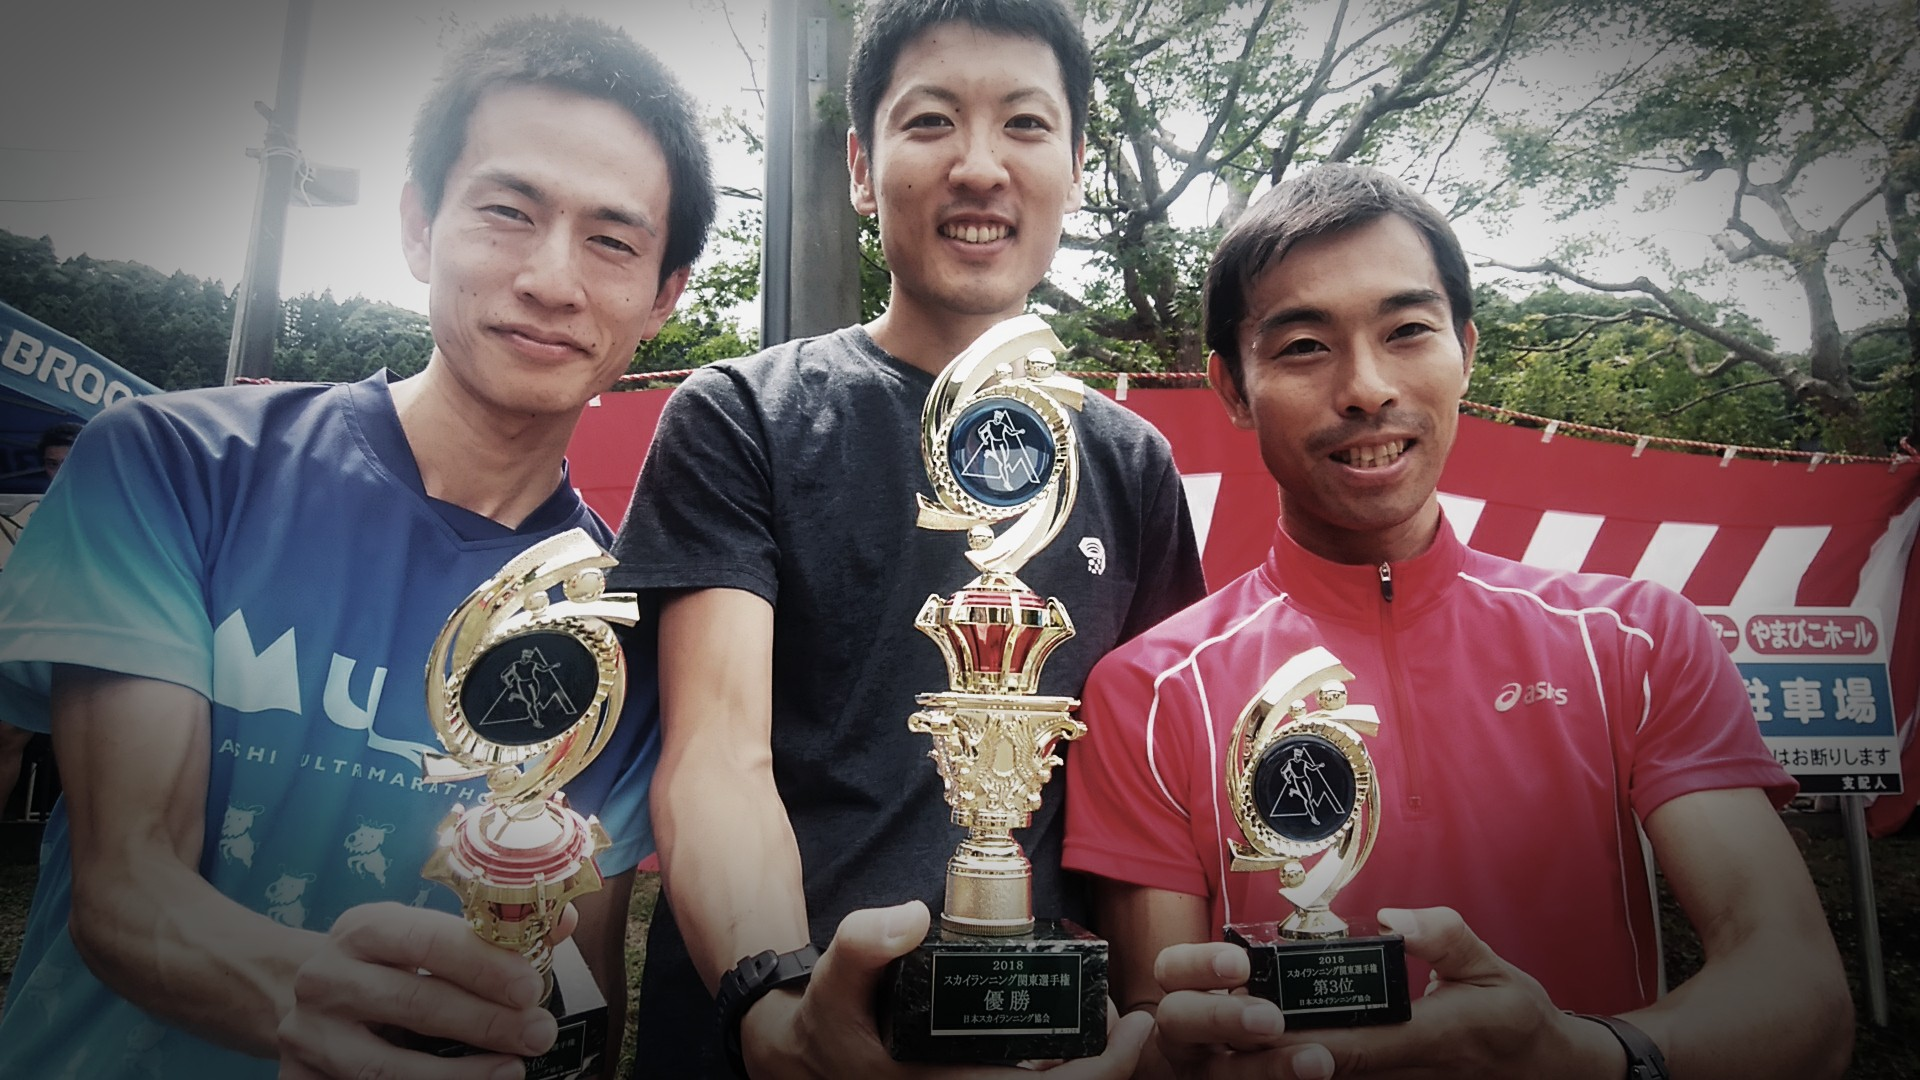 関東選手権、男子トップ3 左から矢嶋、三浦、細木